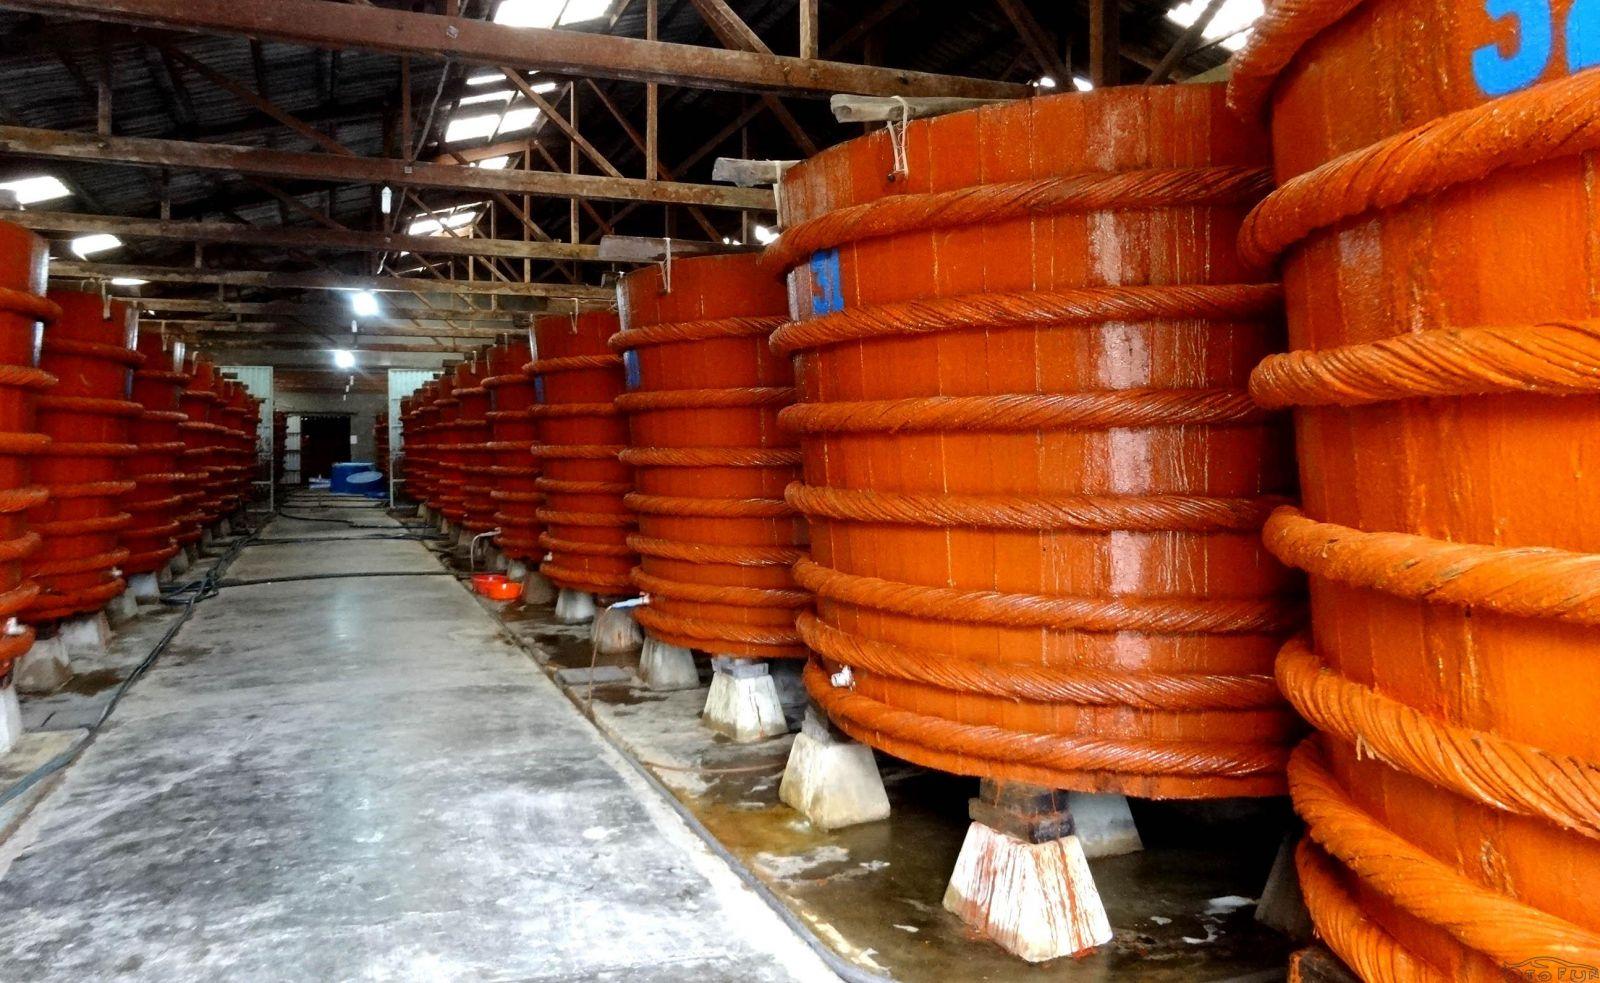 Nhà thùng sản xuất nước mắm Phú Quốc